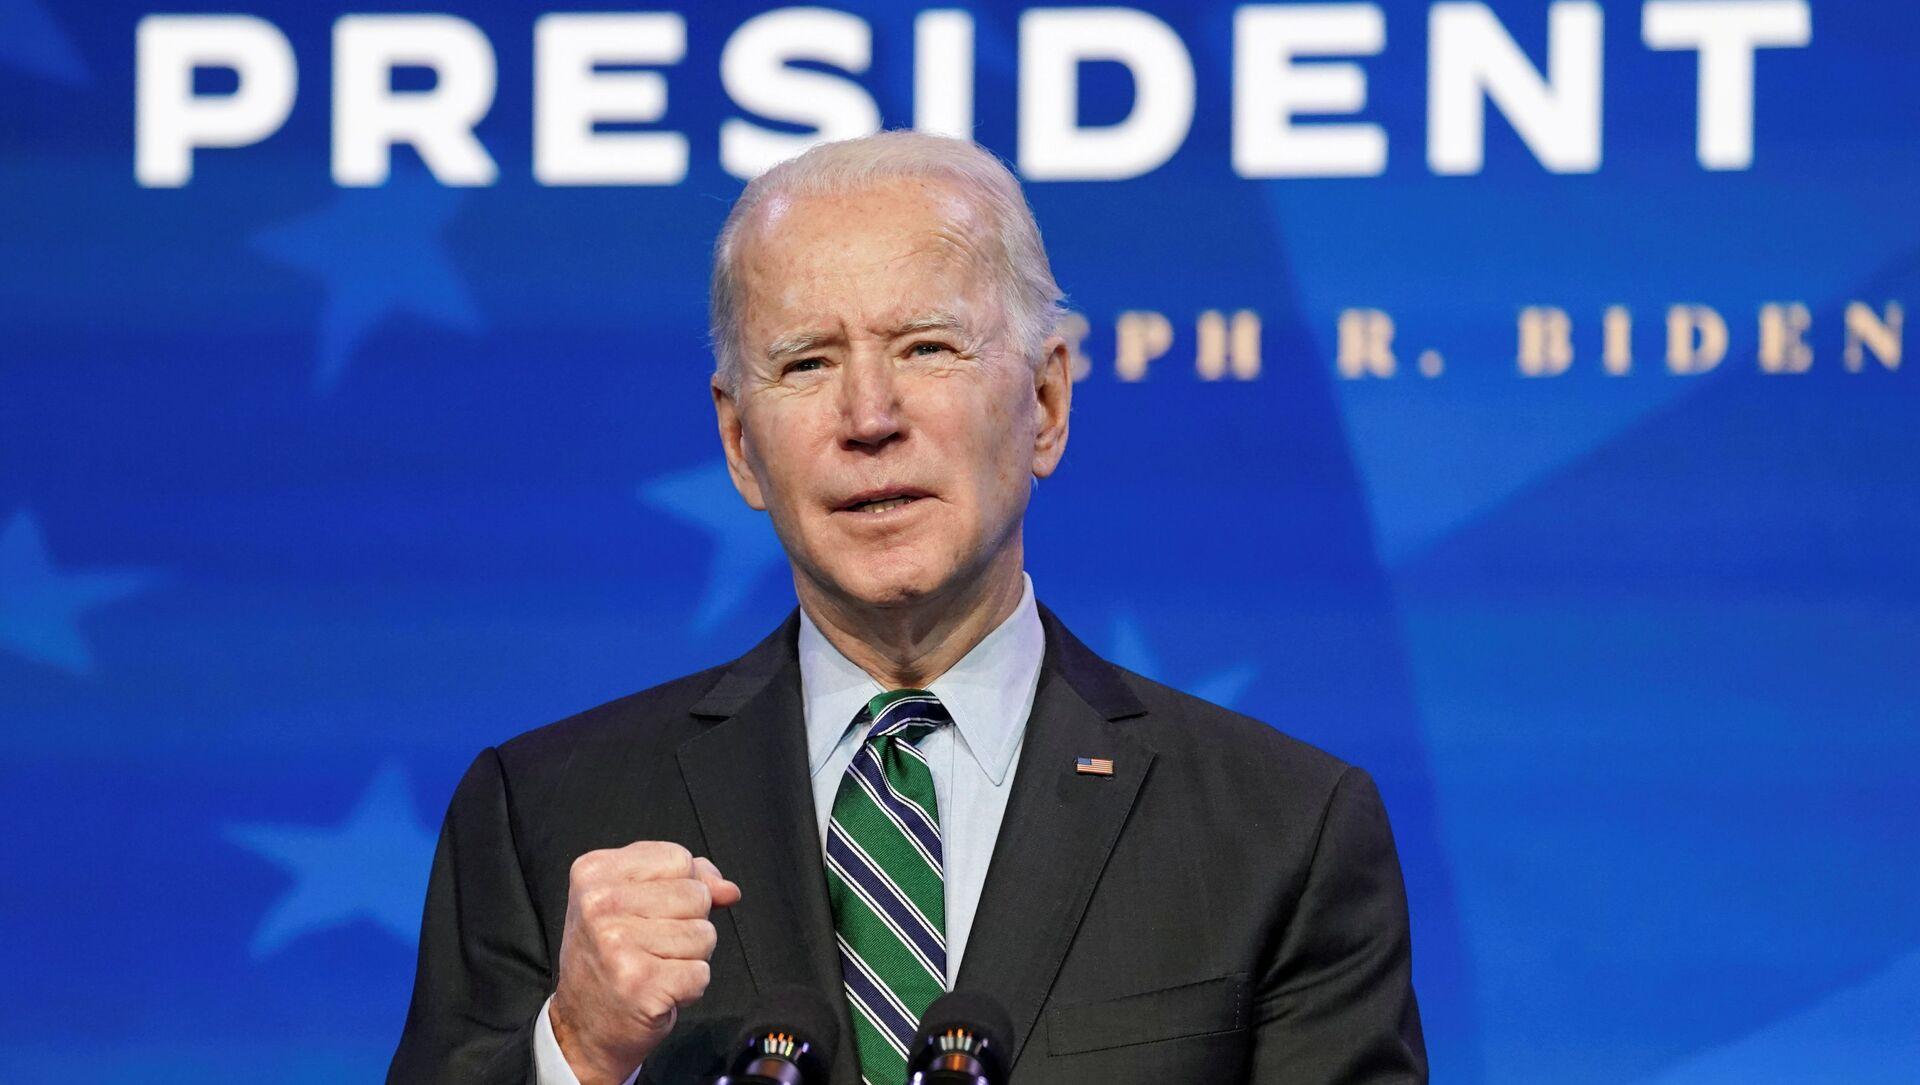 Joe Biden, presidente electo de EEUU - Sputnik Mundo, 1920, 26.01.2021